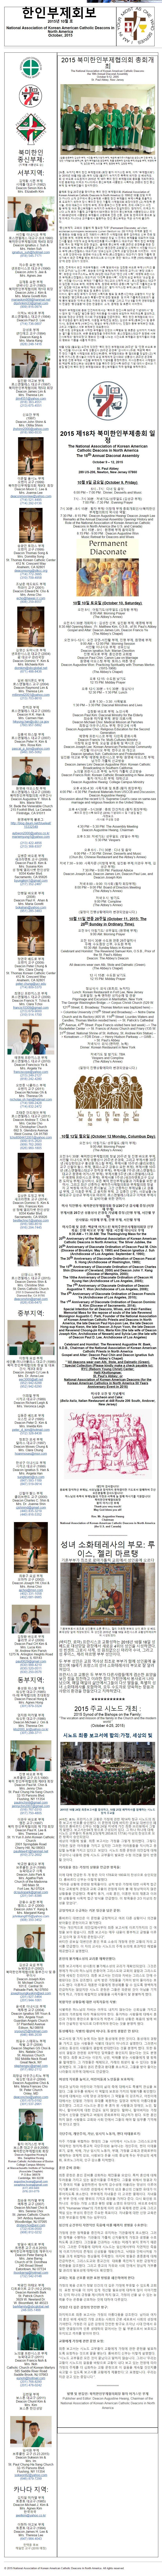 북미한인부제협의회보 (2015년 10월).jpg